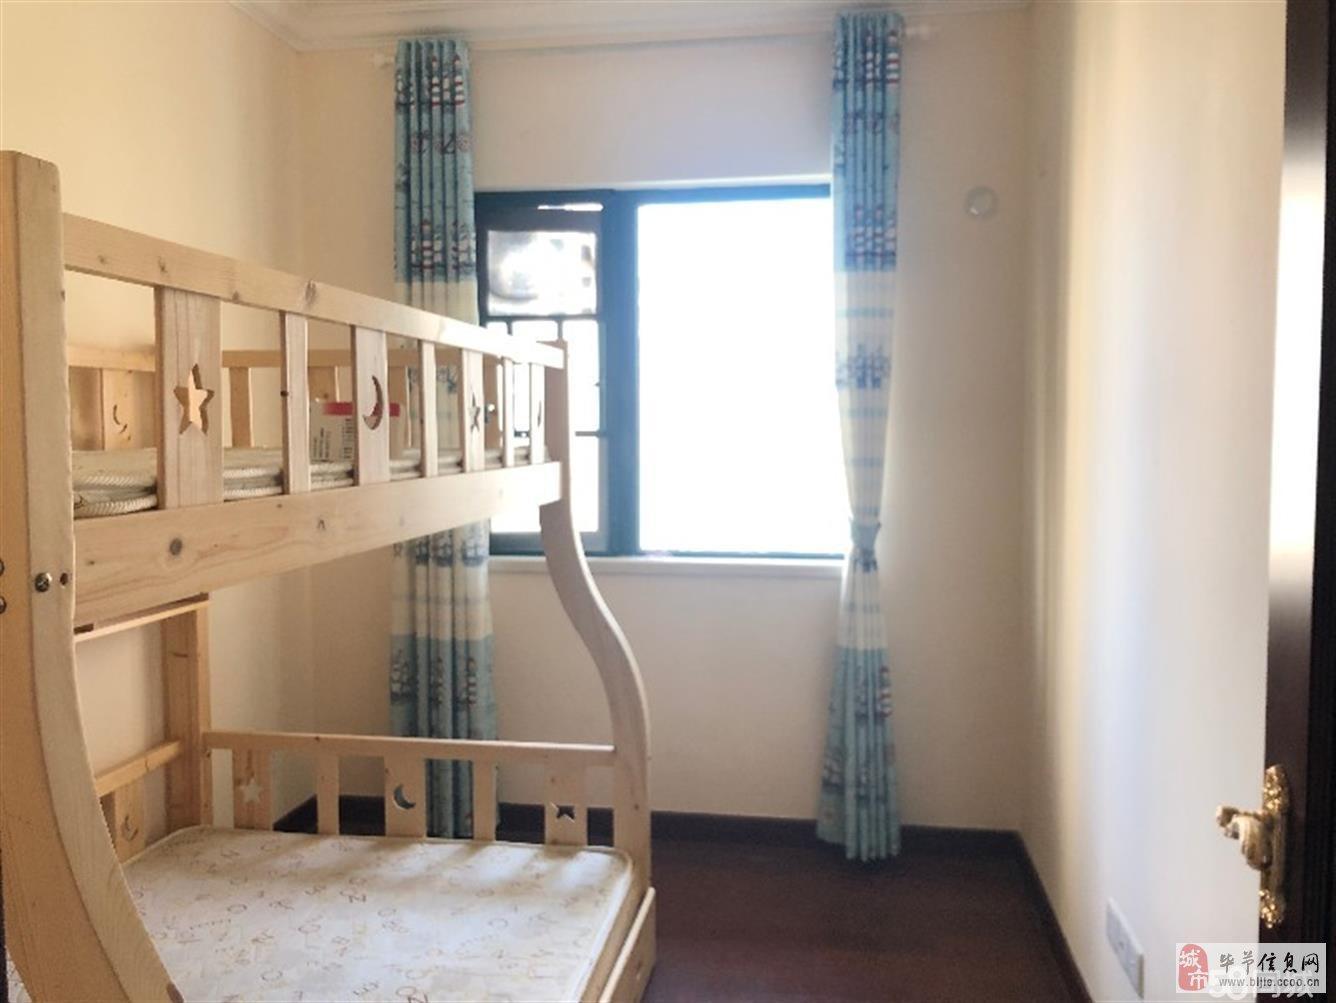 实得单价4800元花园洋房贵安新区随时看房.